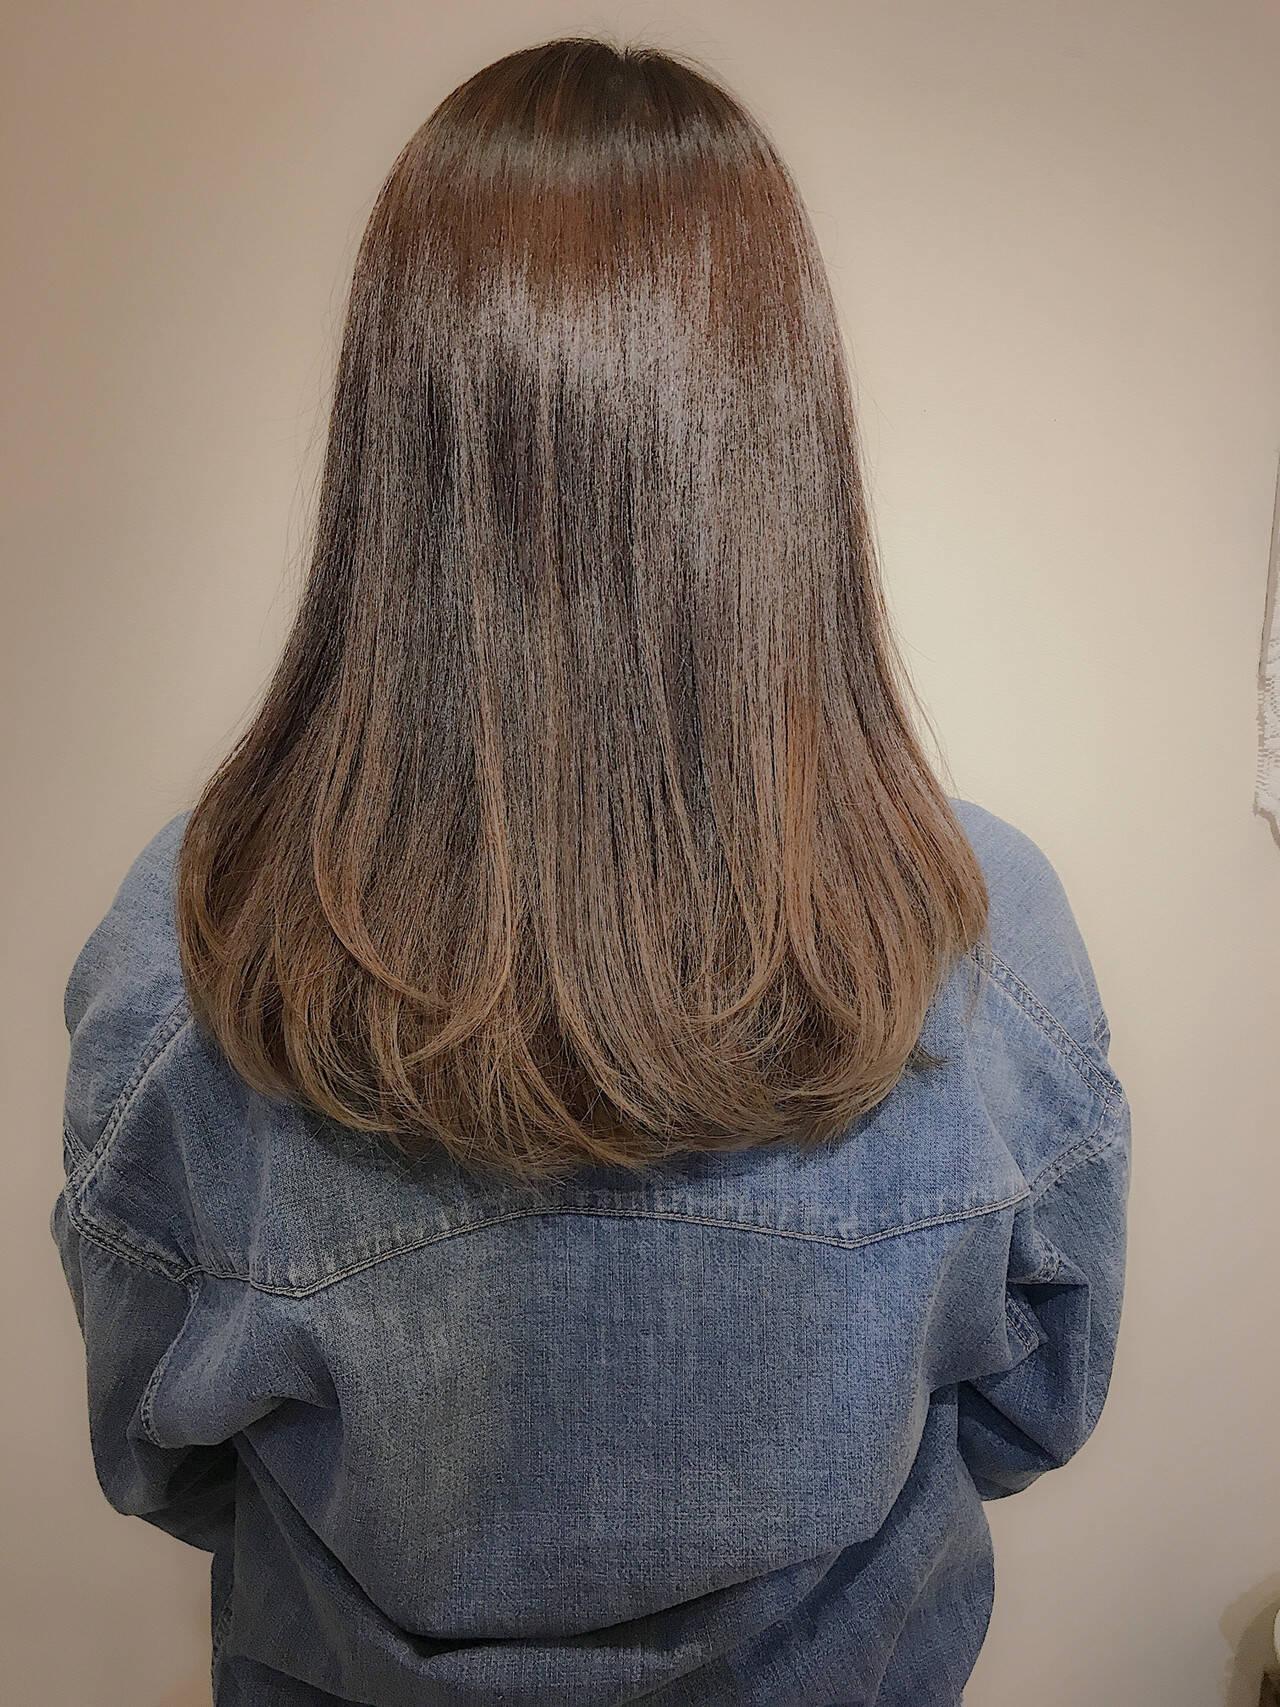 ロング ナチュラル 大人ハイライト バレイヤージュヘアスタイルや髪型の写真・画像